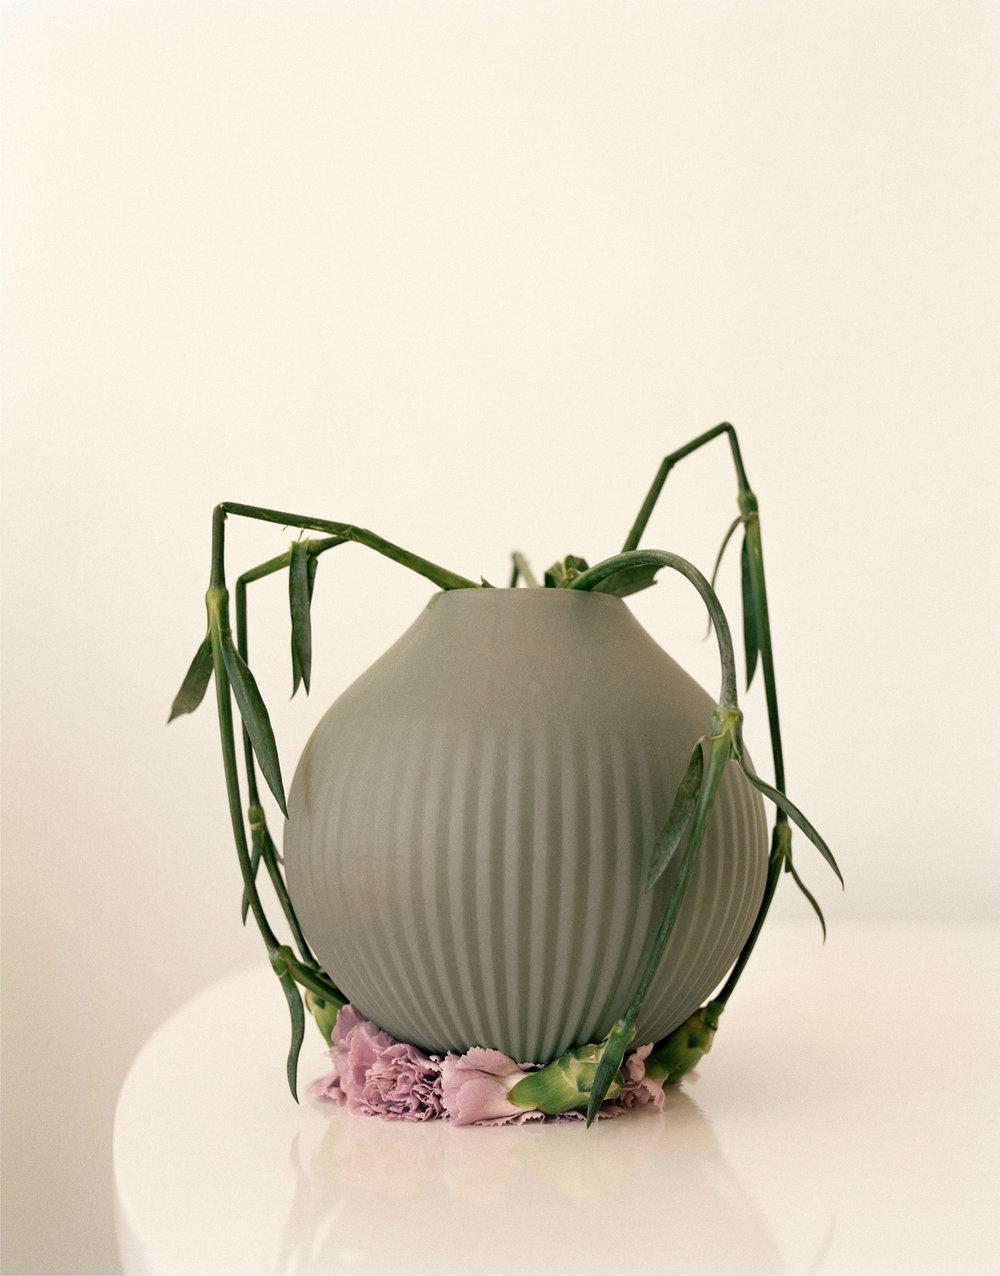 Restricted Flora #4 (C-print) ©Ingrid Eggen